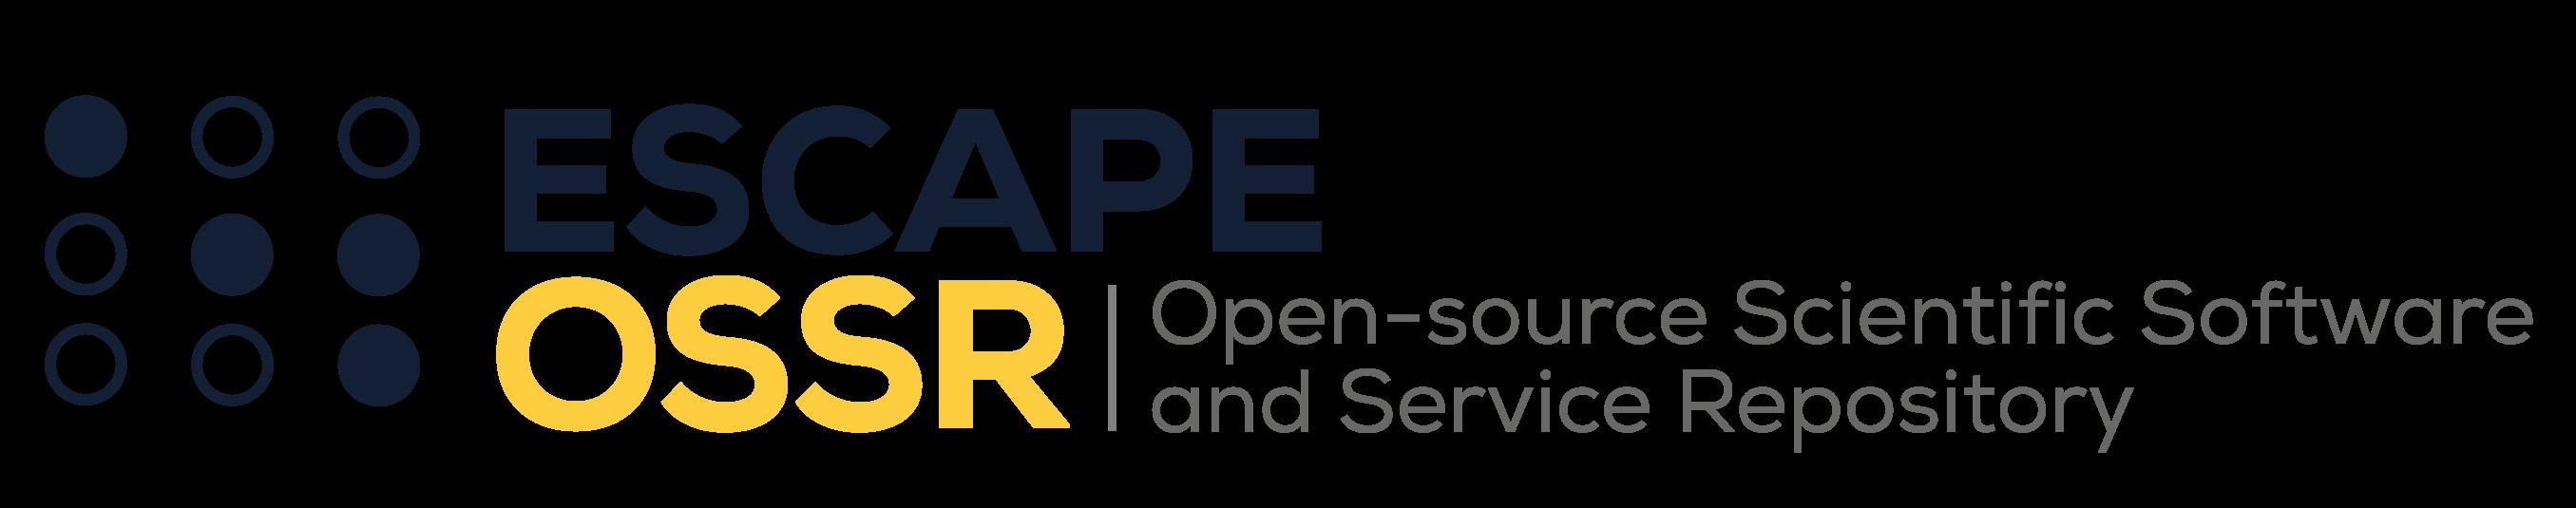 Services_ESCAPE_OSSR